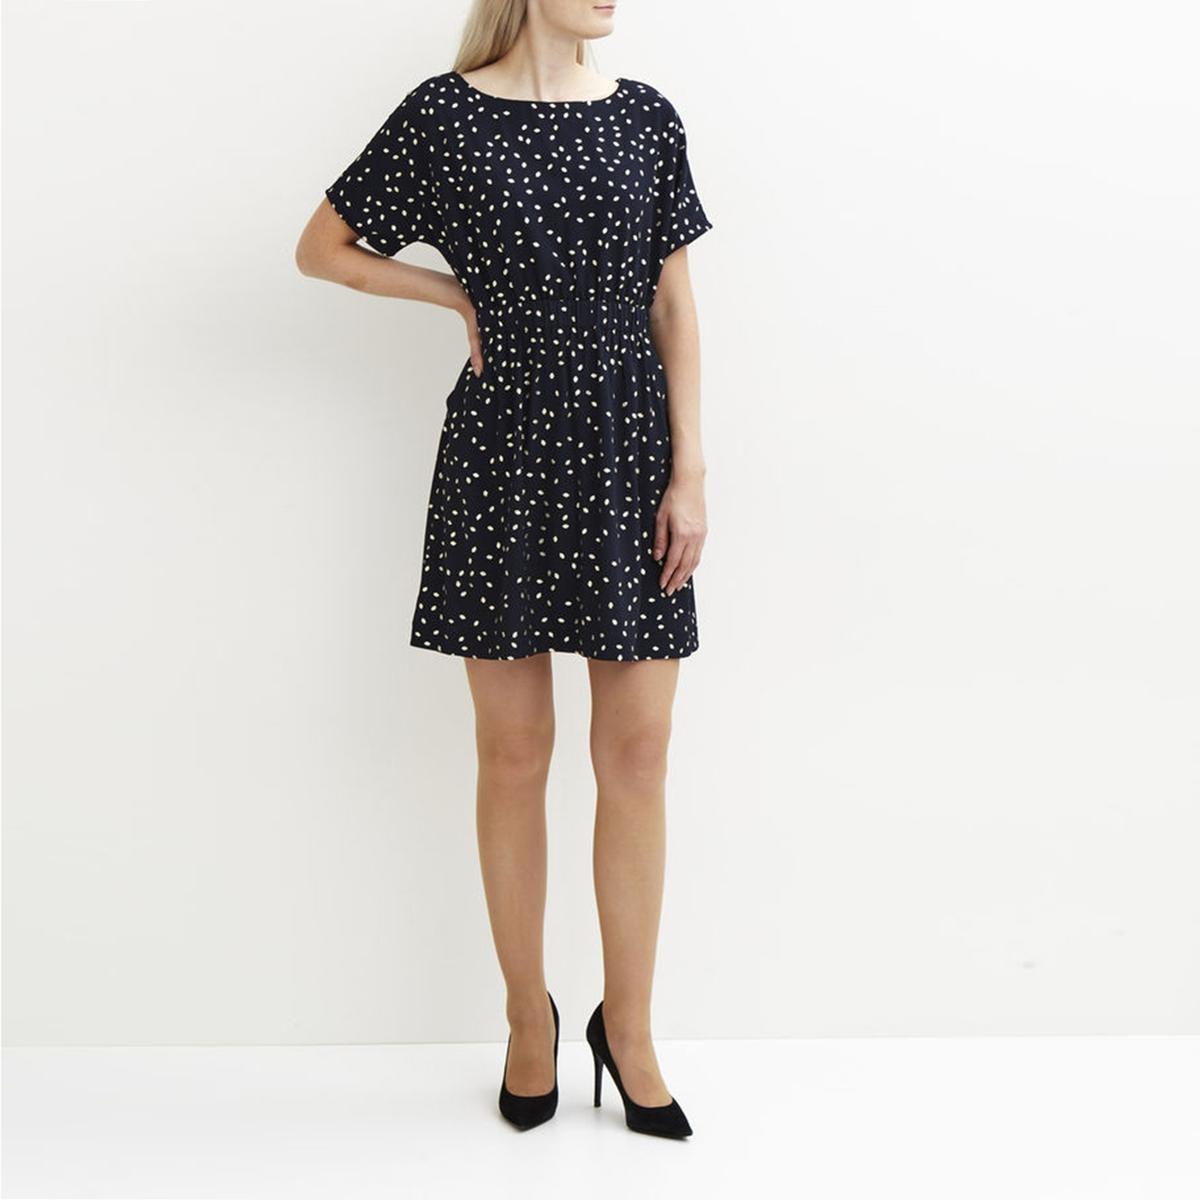 Платье VICALT NEW DRESSСостав и описание :Материал : 100% полиэстерМарка : VILA<br><br>Цвет: в горошек/темно-синий